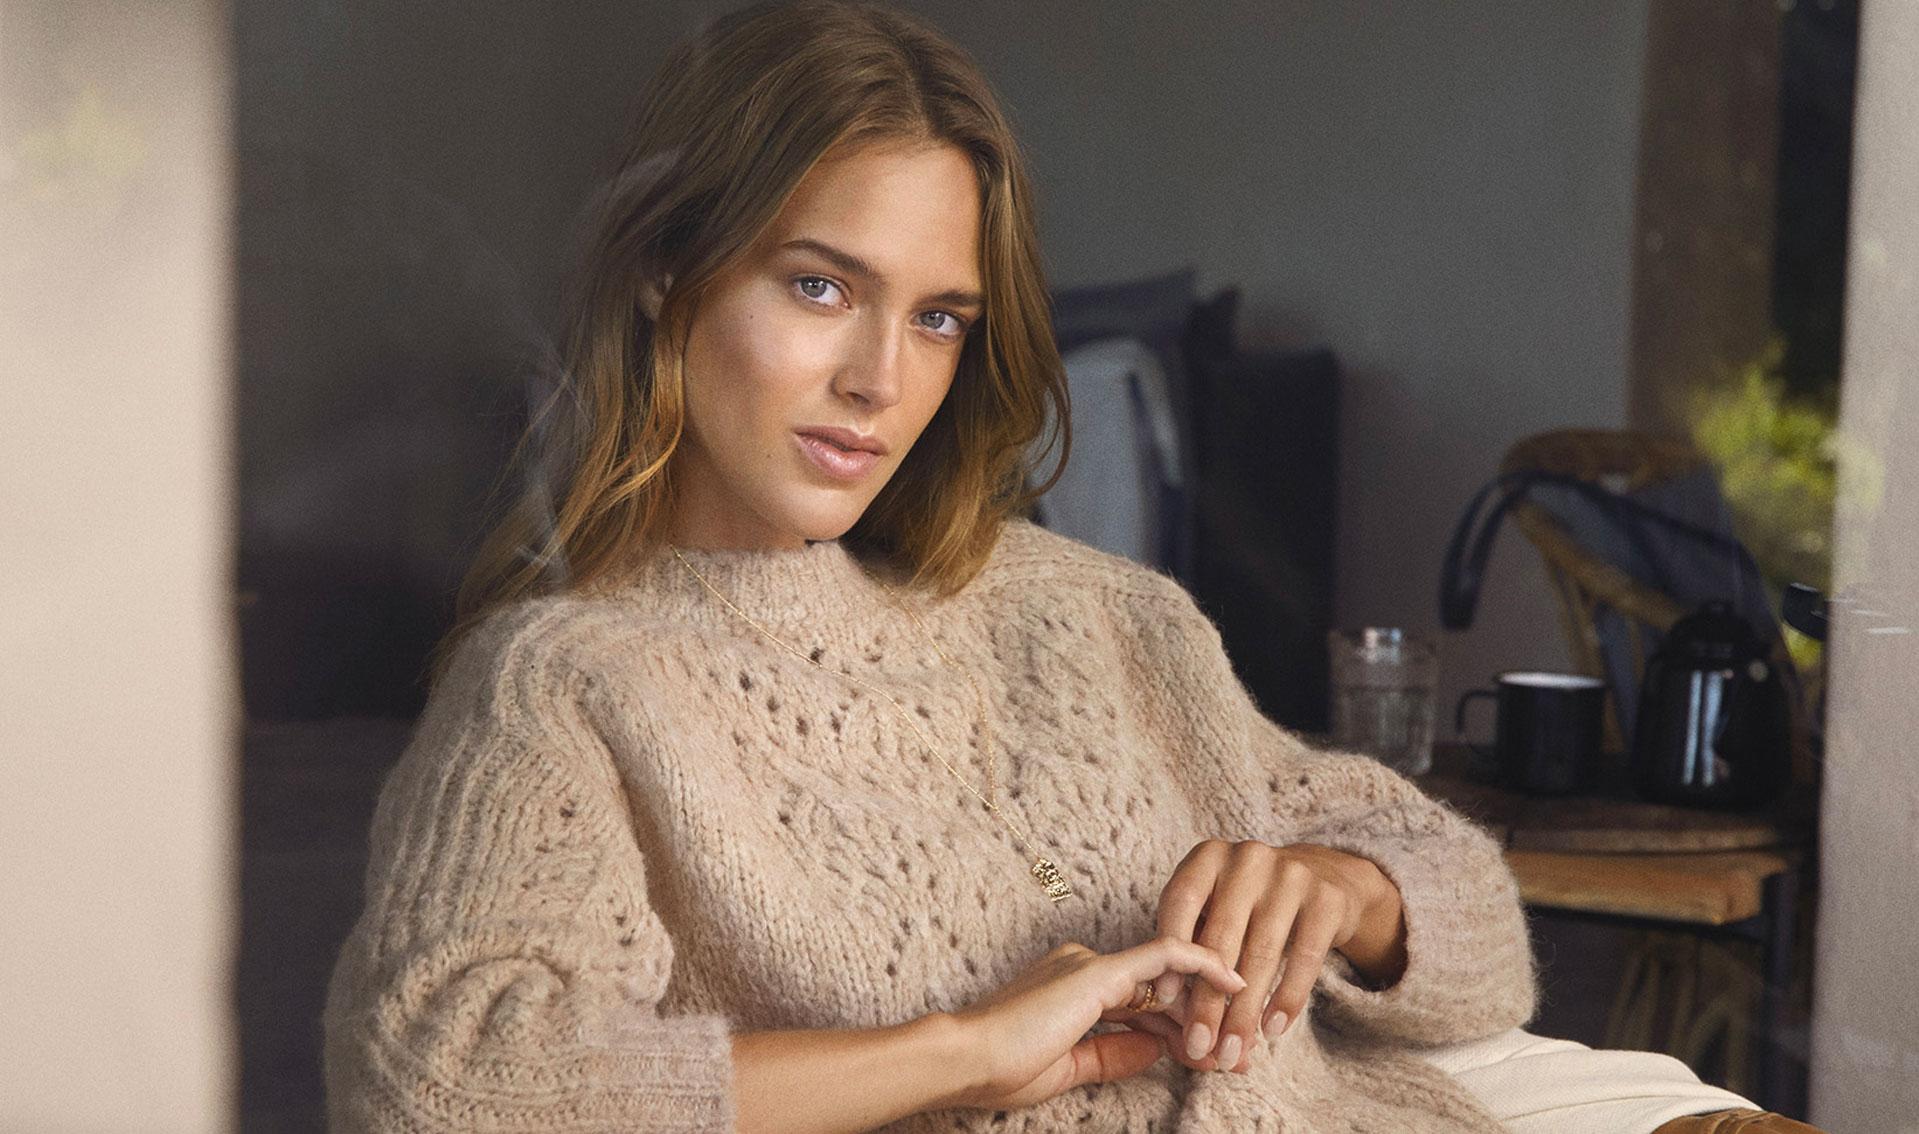 Резултат со слика за photoos of winter knit blouse 2020